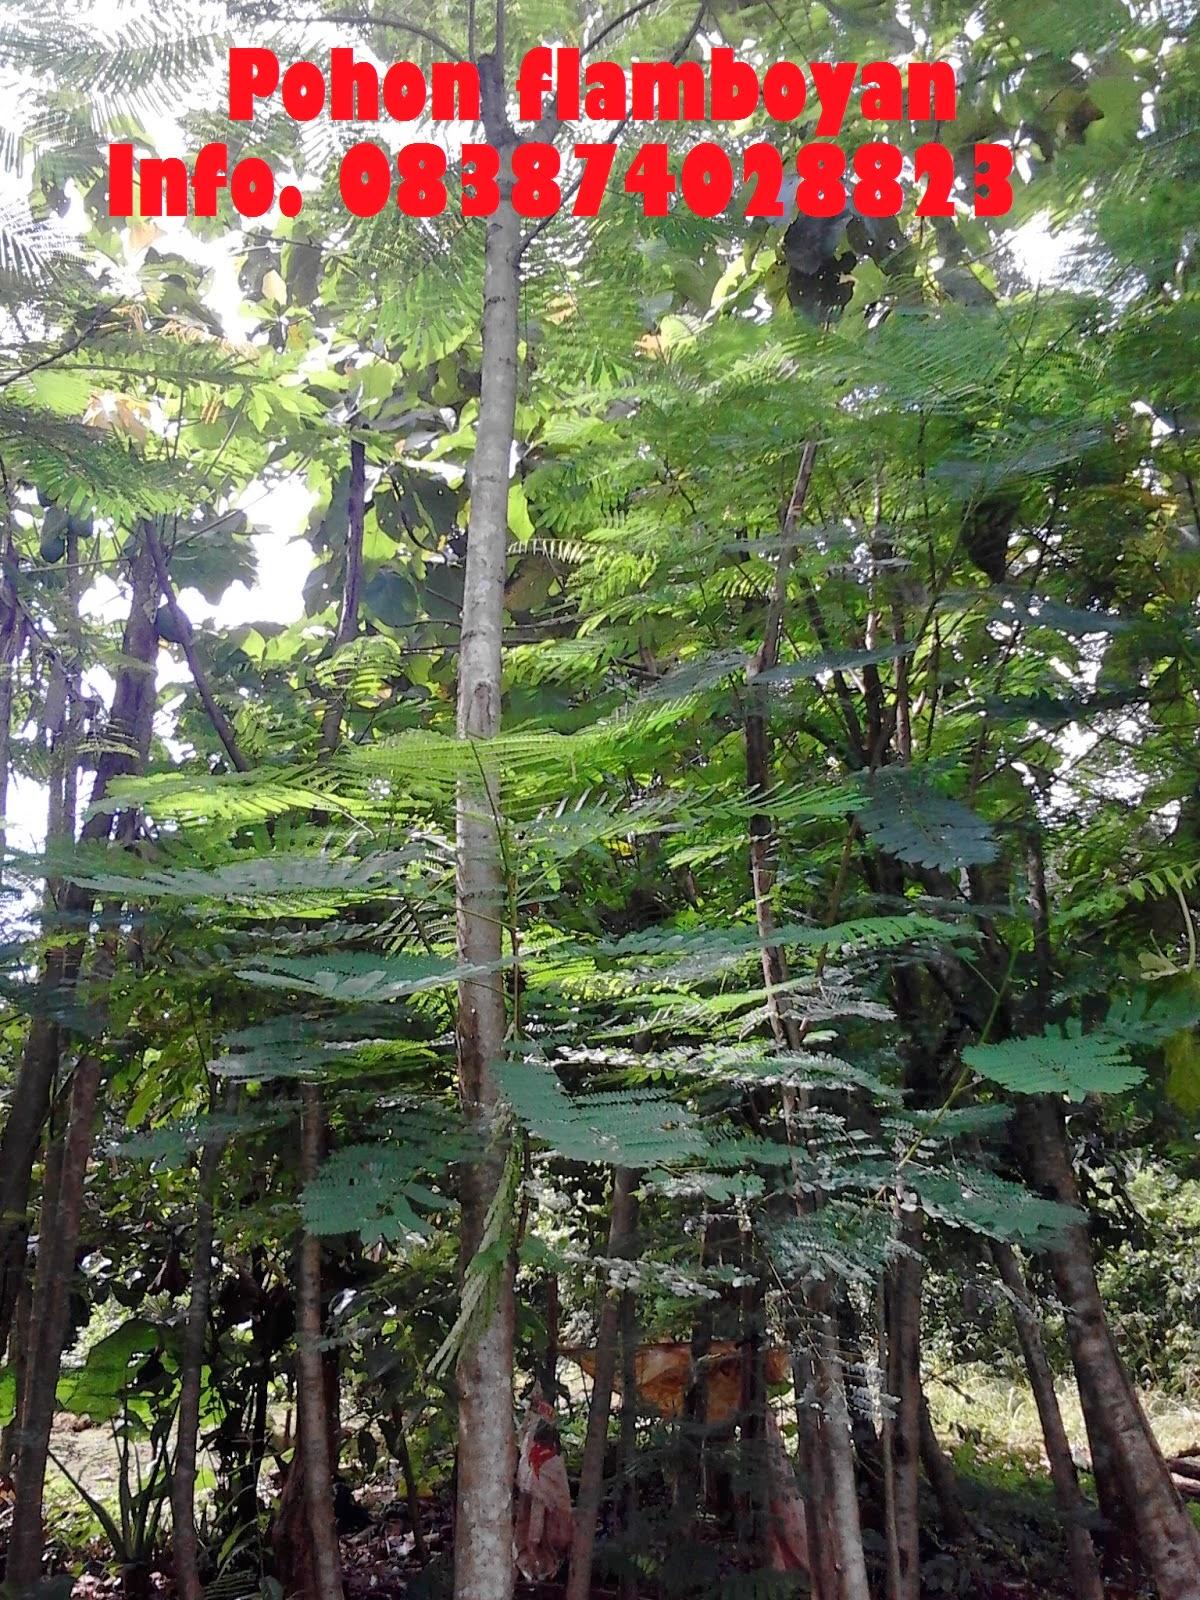 pohon-flamboyan-murah